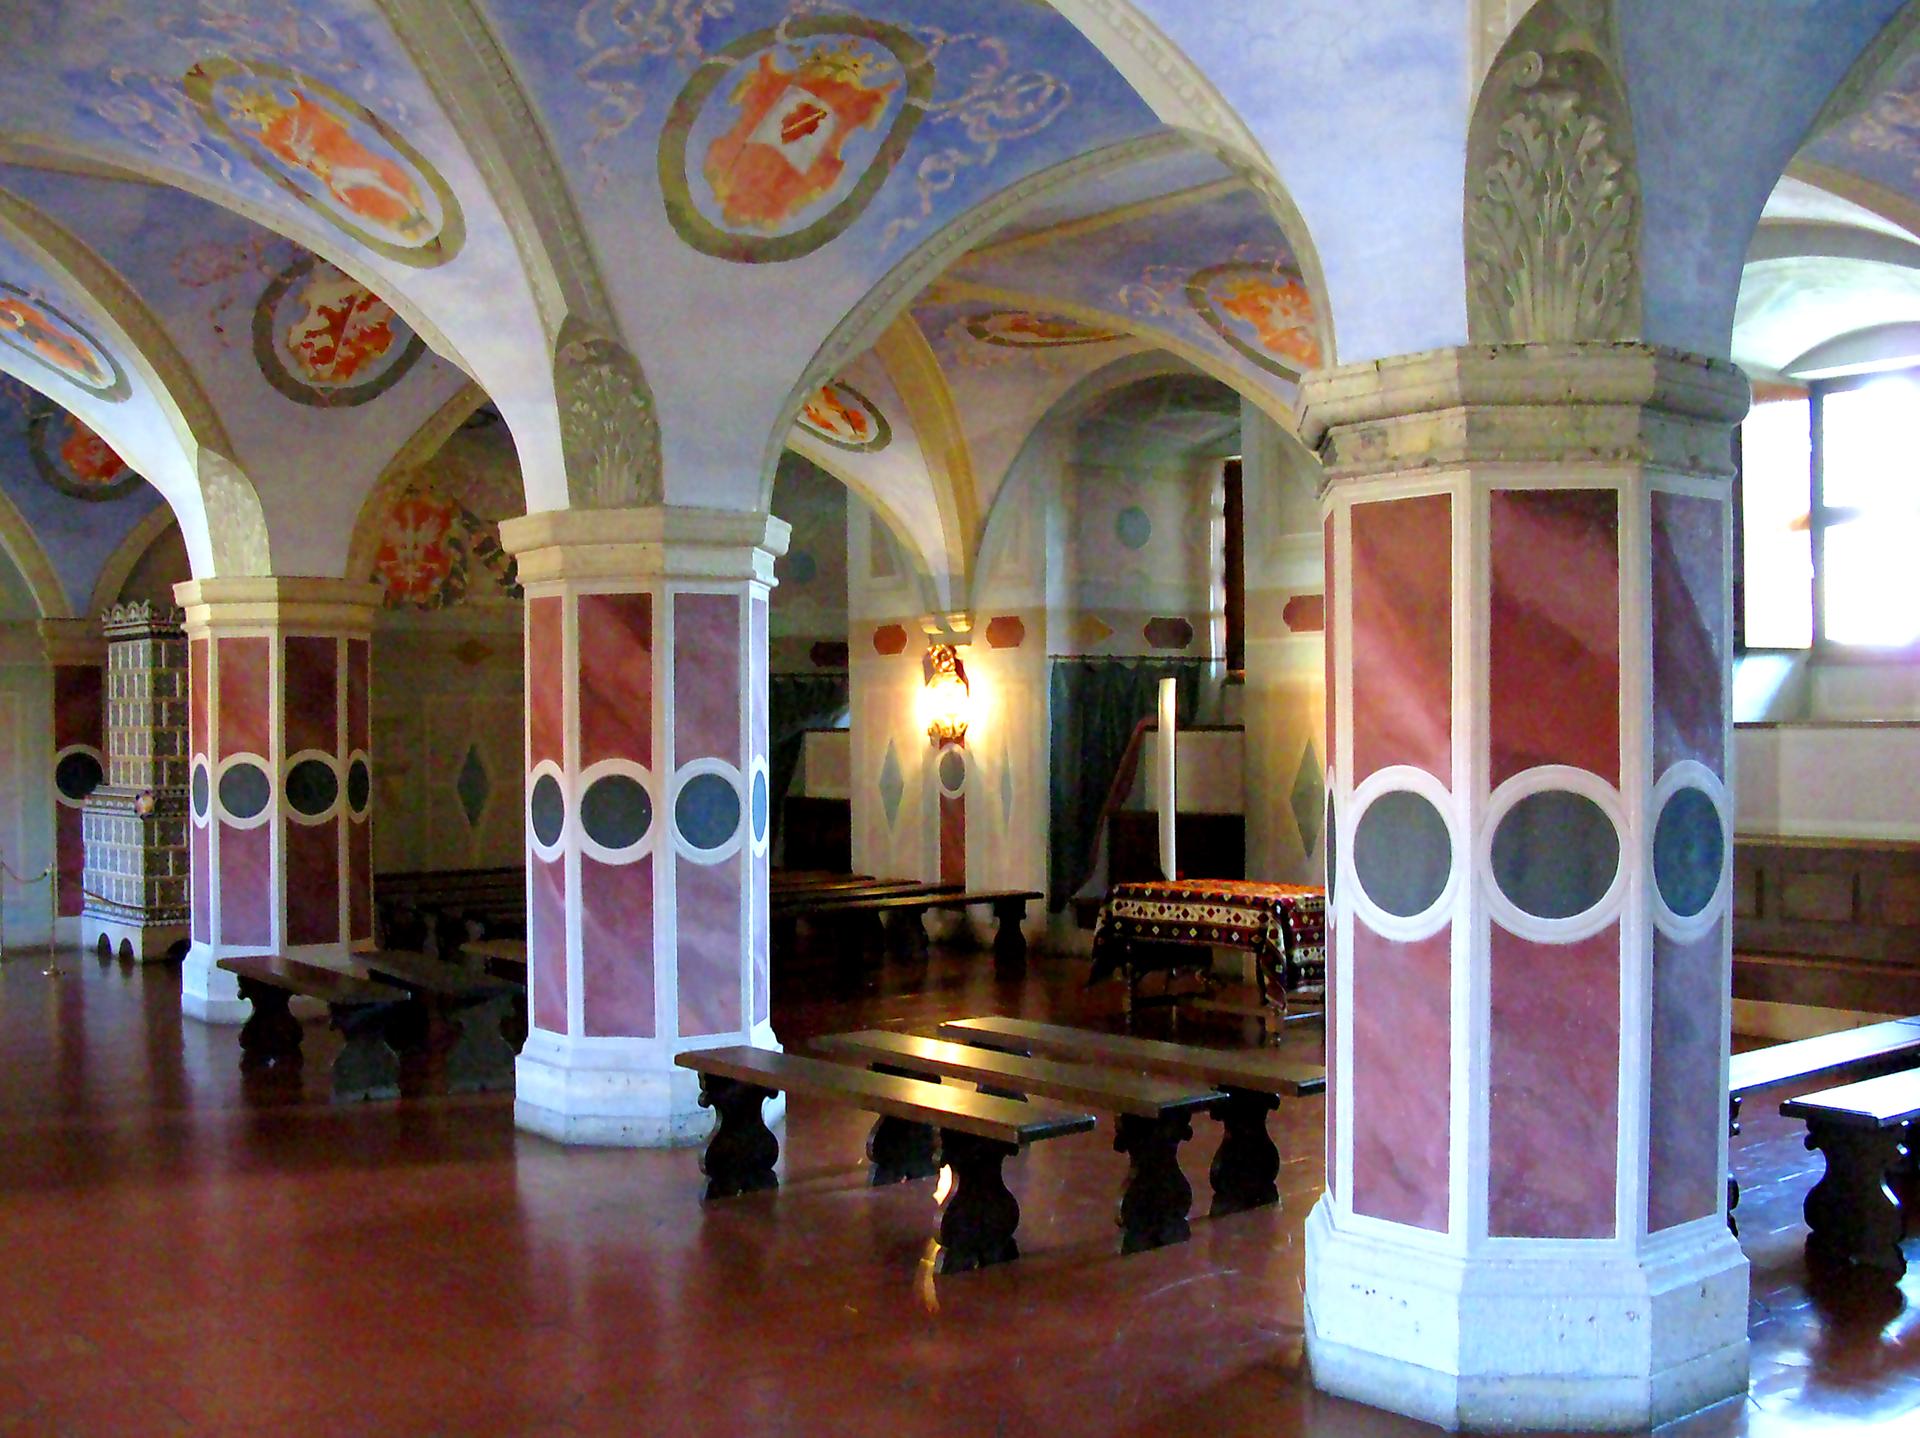 Zrekonstruowana sala posiedzeń izby poselskiej na Zamku Królewskim wWarszawie, gdzie odbywała się większość sejmów.Zwróć uwagę, że sala umiejscowiona była na parterze zamku (wskazują na to wysoko umieszczone okna). Wzwiązku ztym, gdy sejm obradował wcałości, posłowie ziemscy udawalisięna pierwsze piętro do sali senatu. Wówczas król siedział na tronie, senatorowie siedzieli, aposłowie zbraku miejsca musieli stać. Zrekonstruowana sala posiedzeń izby poselskiej na Zamku Królewskim wWarszawie, gdzie odbywała się większość sejmów.Zwróć uwagę, że sala umiejscowiona była na parterze zamku (wskazują na to wysoko umieszczone okna). Wzwiązku ztym, gdy sejm obradował wcałości, posłowie ziemscy udawalisięna pierwsze piętro do sali senatu. Wówczas król siedział na tronie, senatorowie siedzieli, aposłowie zbraku miejsca musieli stać. Źródło: Maciej Szczepańczyk, Wikimedia Commons, licencja: CC BY 3.0.